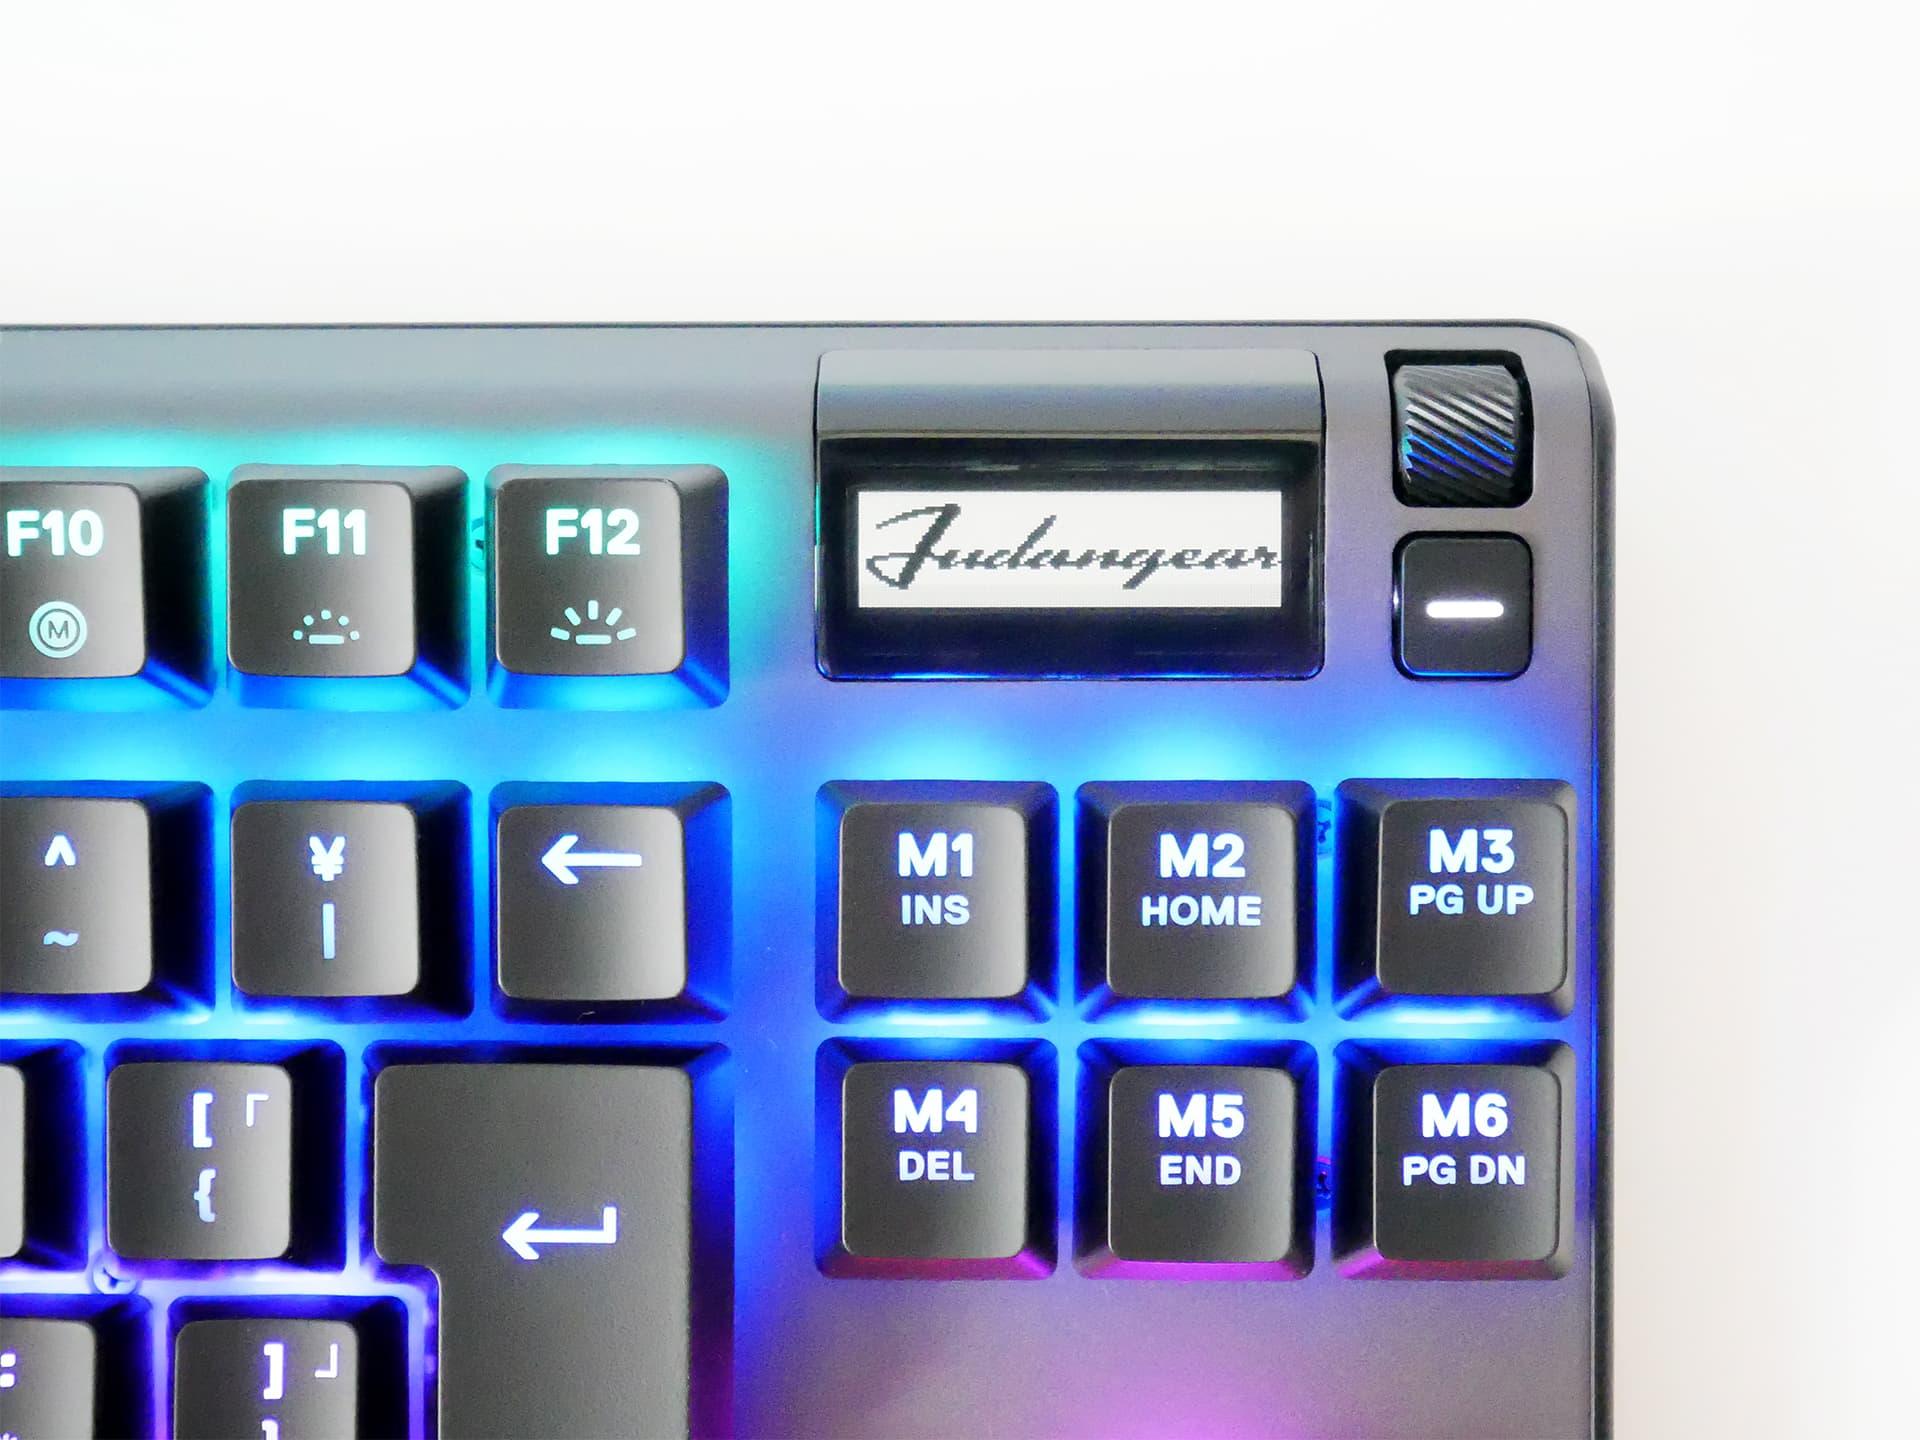 Apex Pro TKL JP 有機ELディスプレイにFudangearのロゴを表示